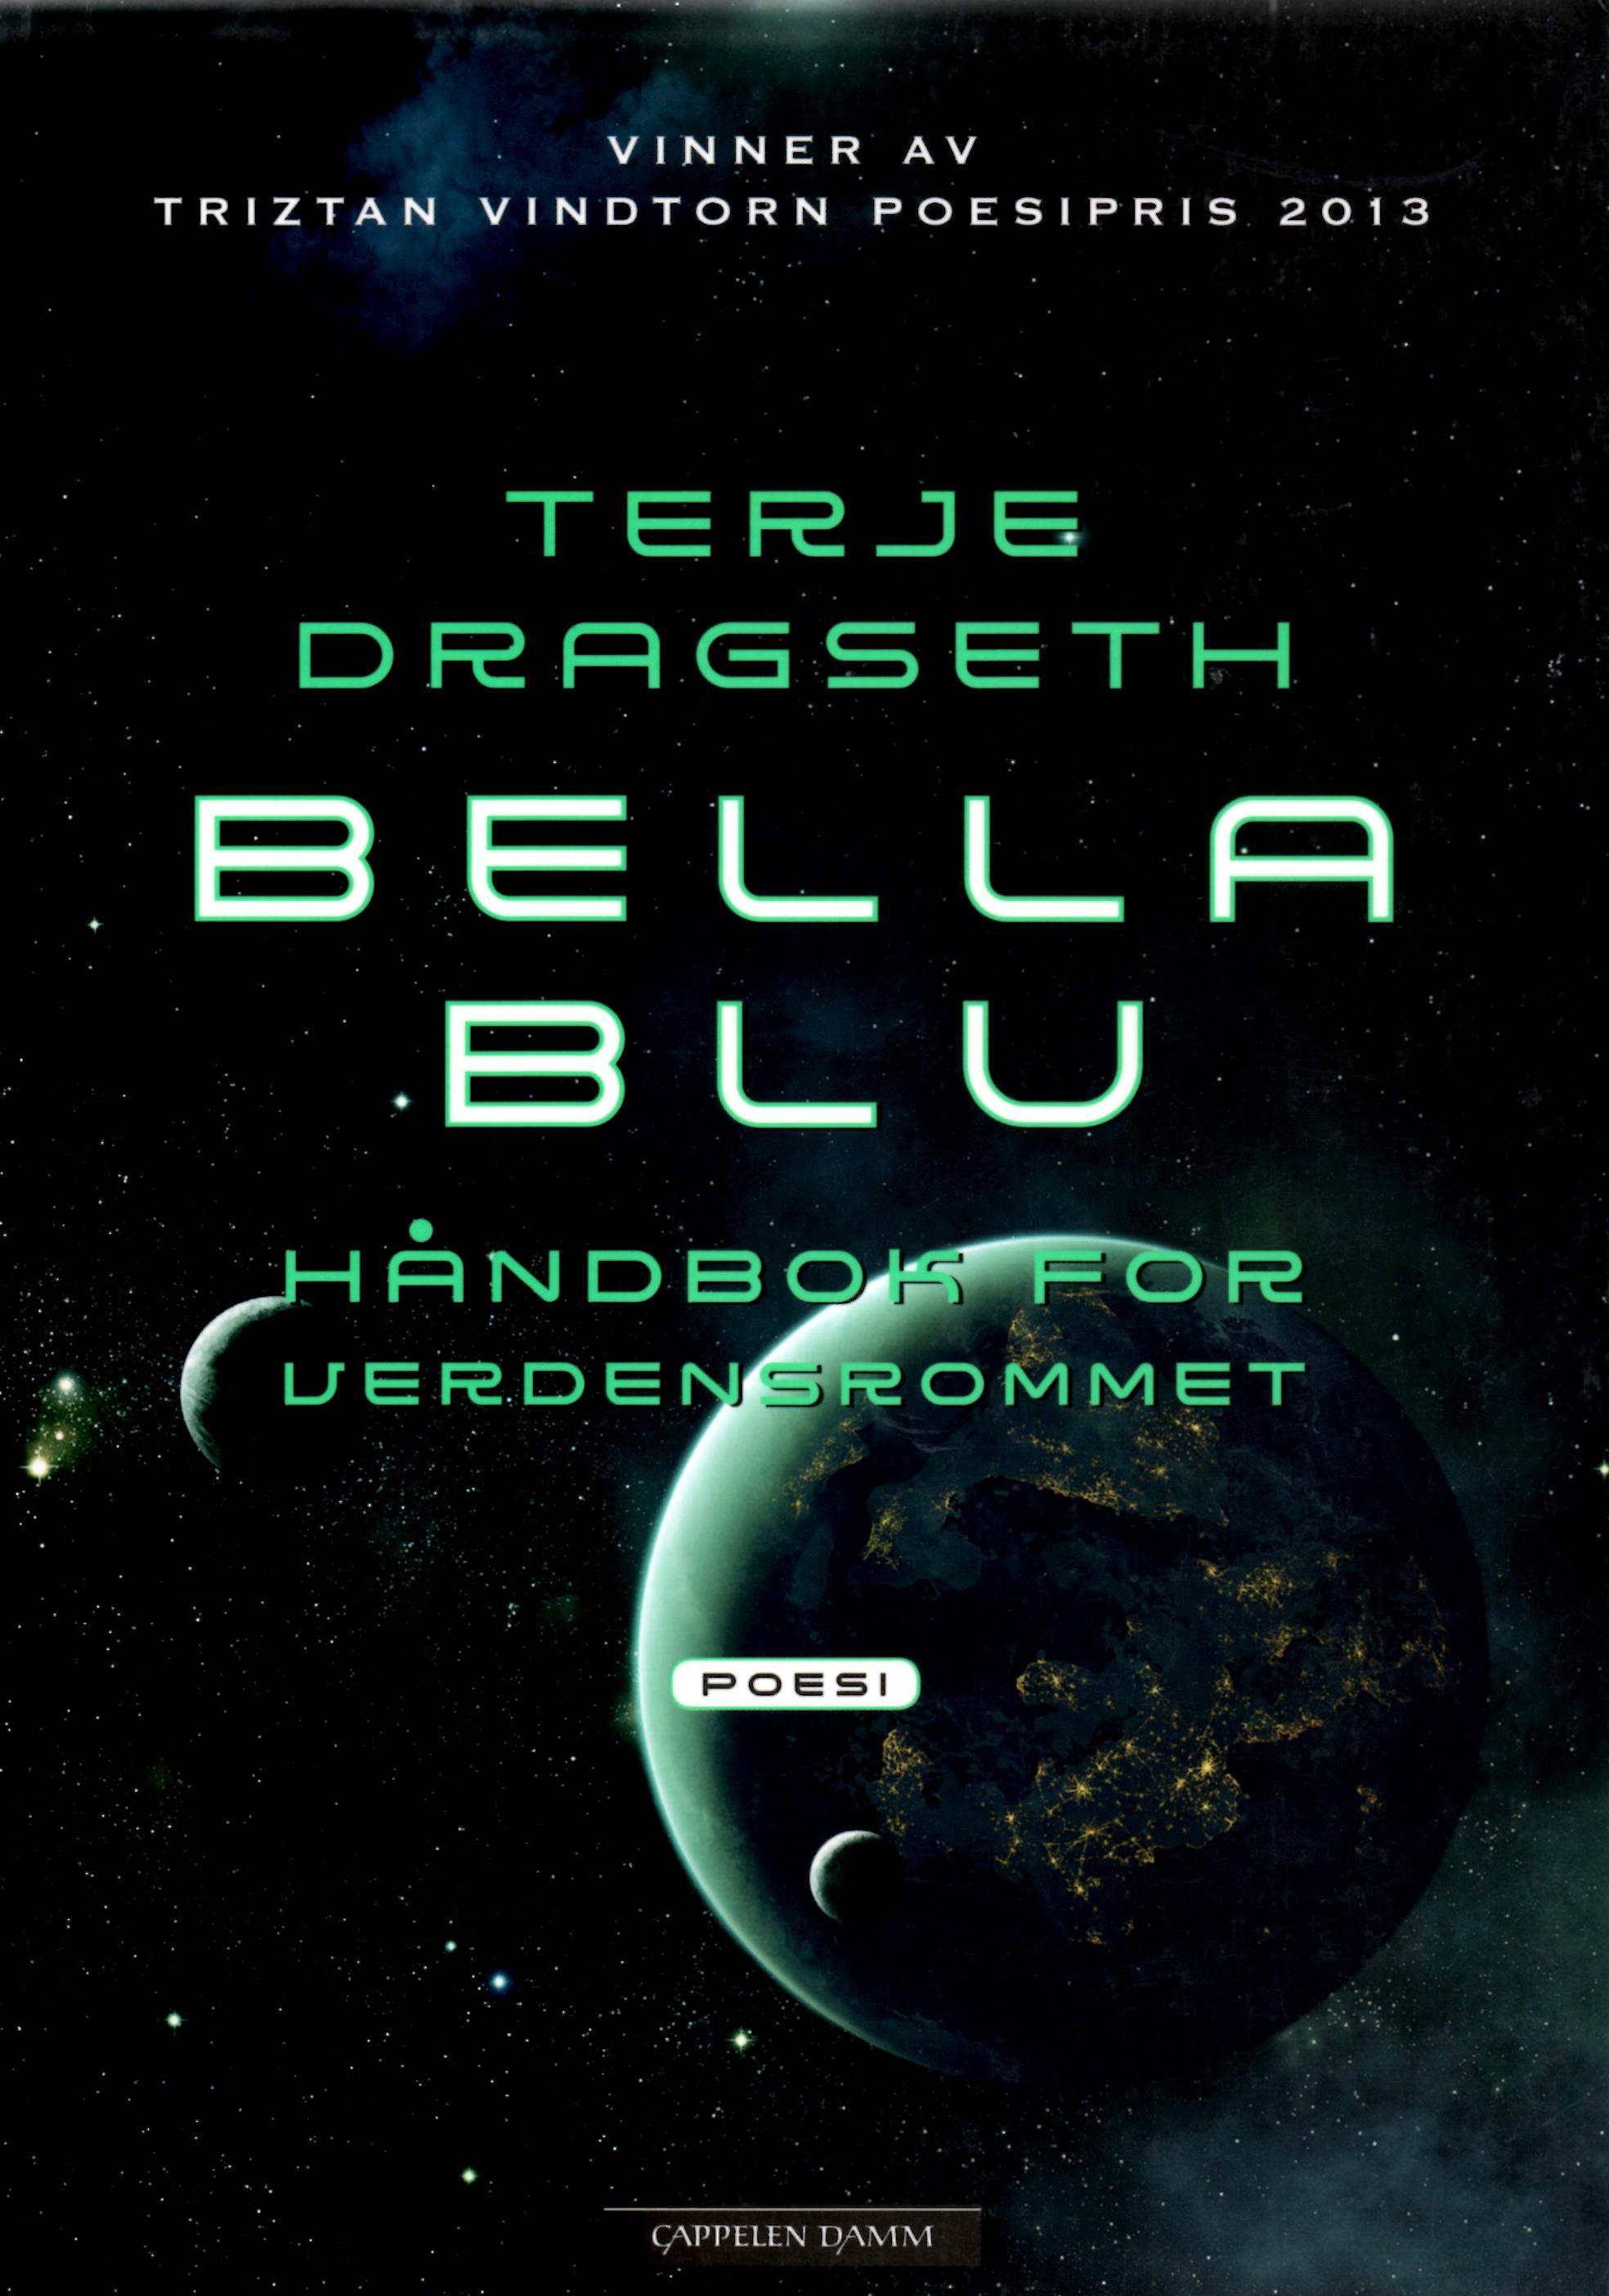 Bella Blu